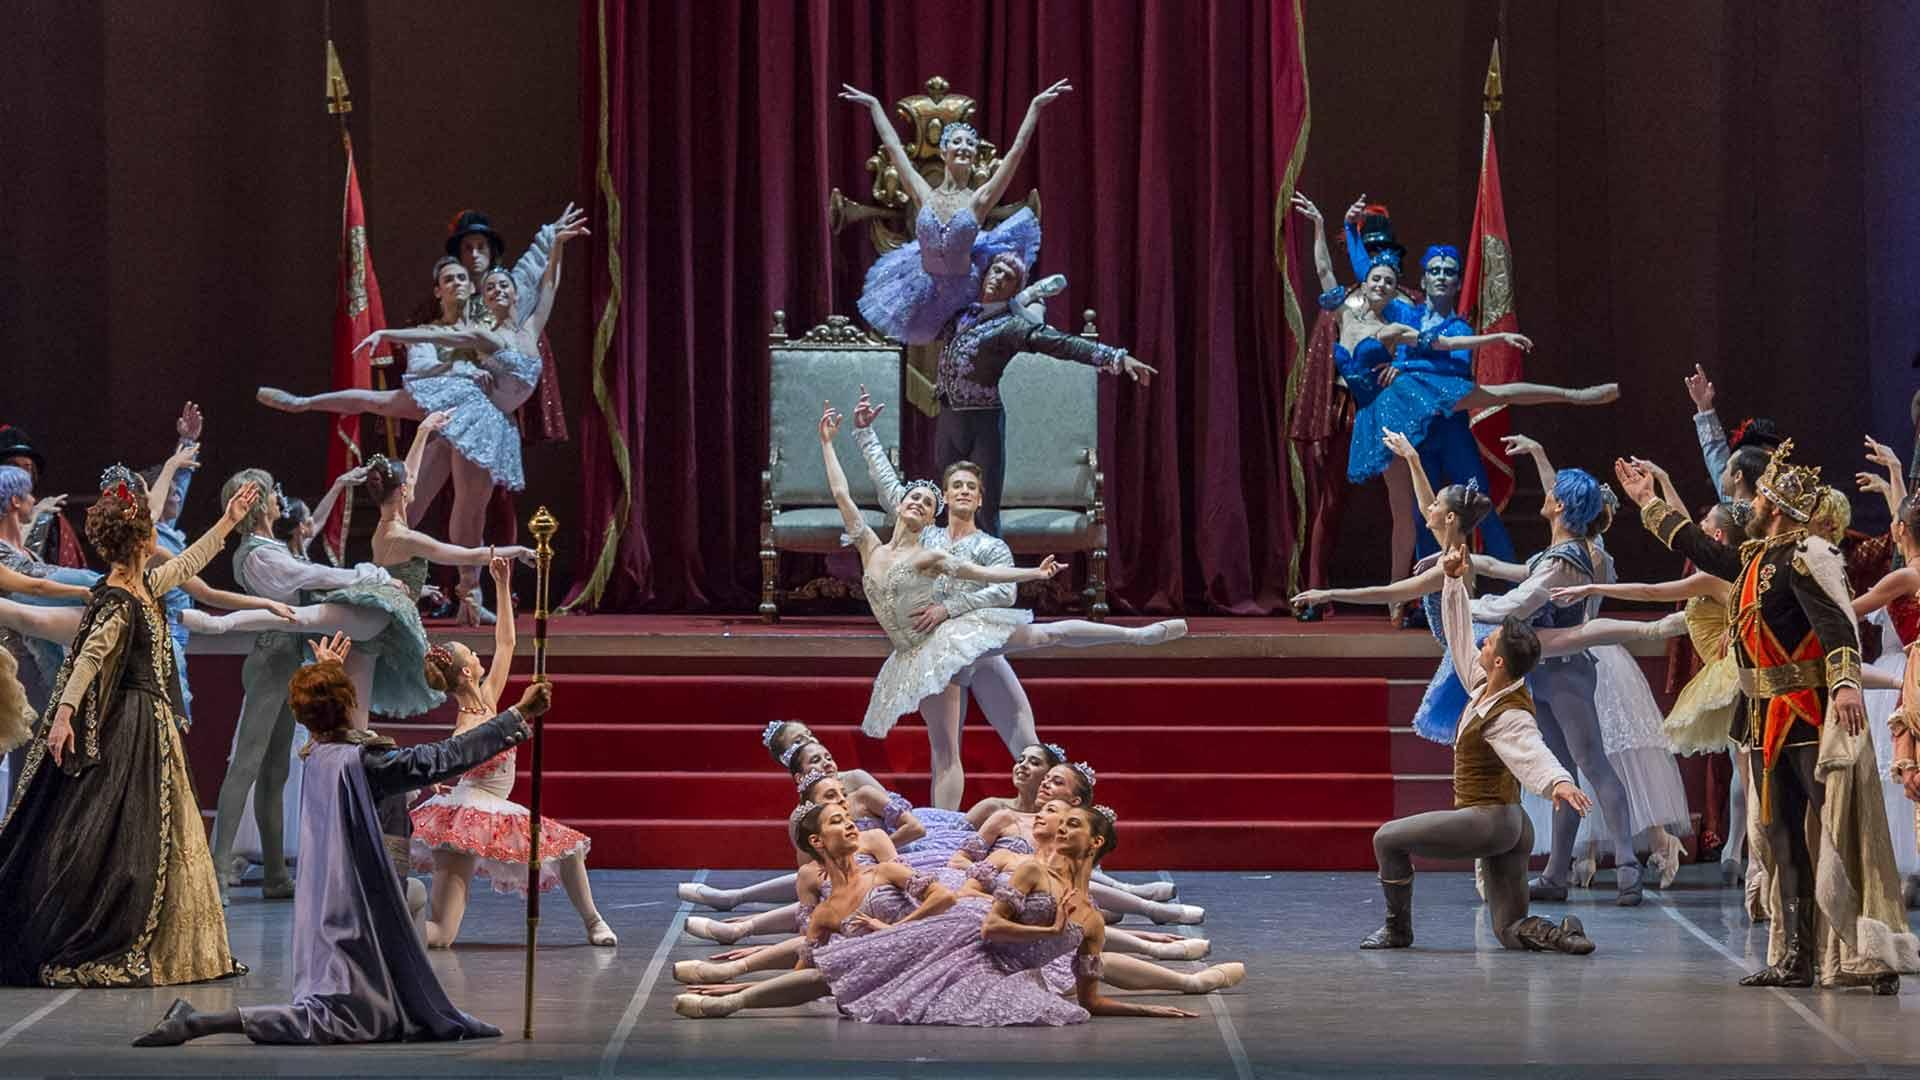 La bella durmiente del bosque | Teatro Colón La bella durmiente ...